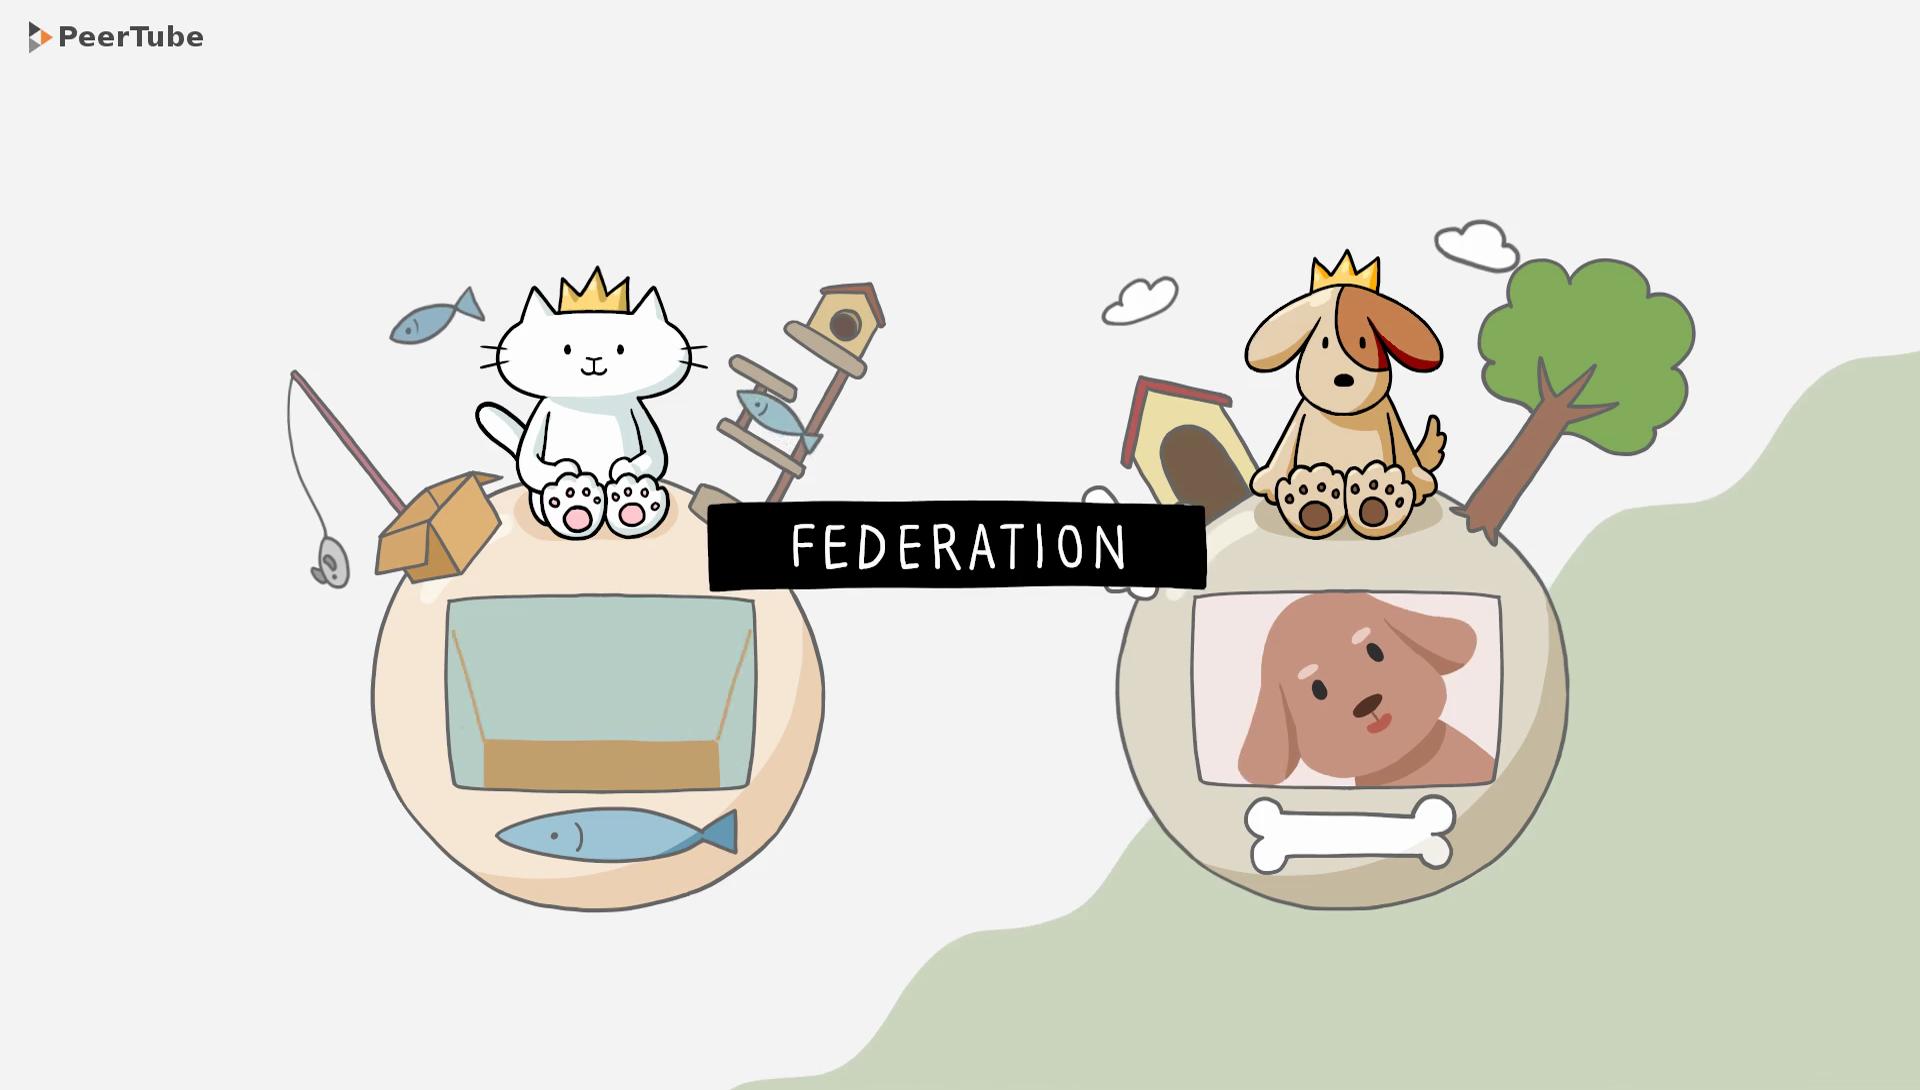 Peertube-federation-1529742207